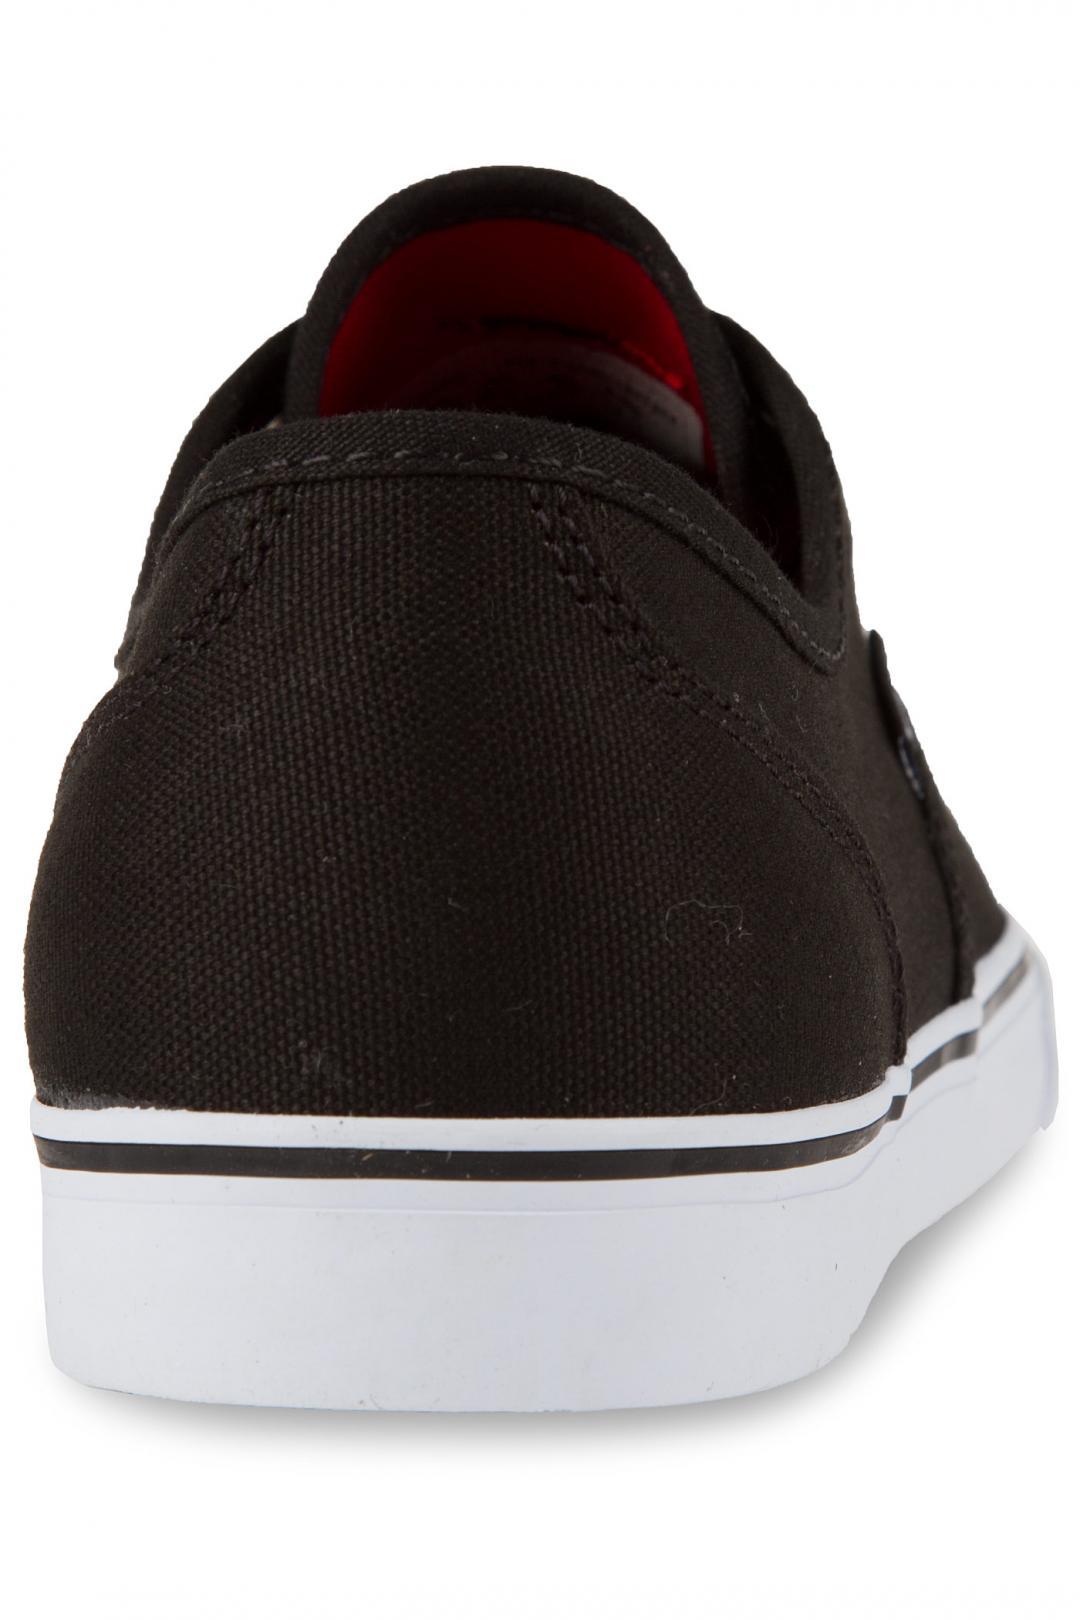 Uomo Emerica Wino Cruiser black white | Sneaker